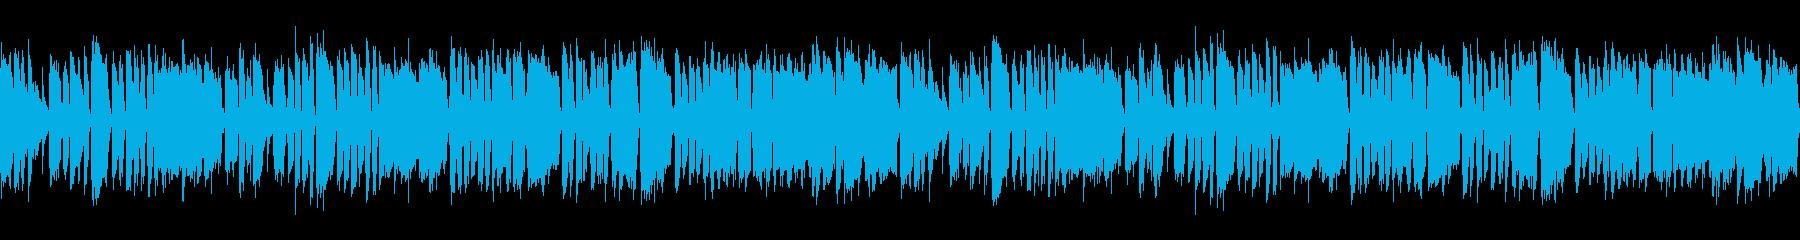 アジトへの潜入をイメージしたヒップホップの再生済みの波形